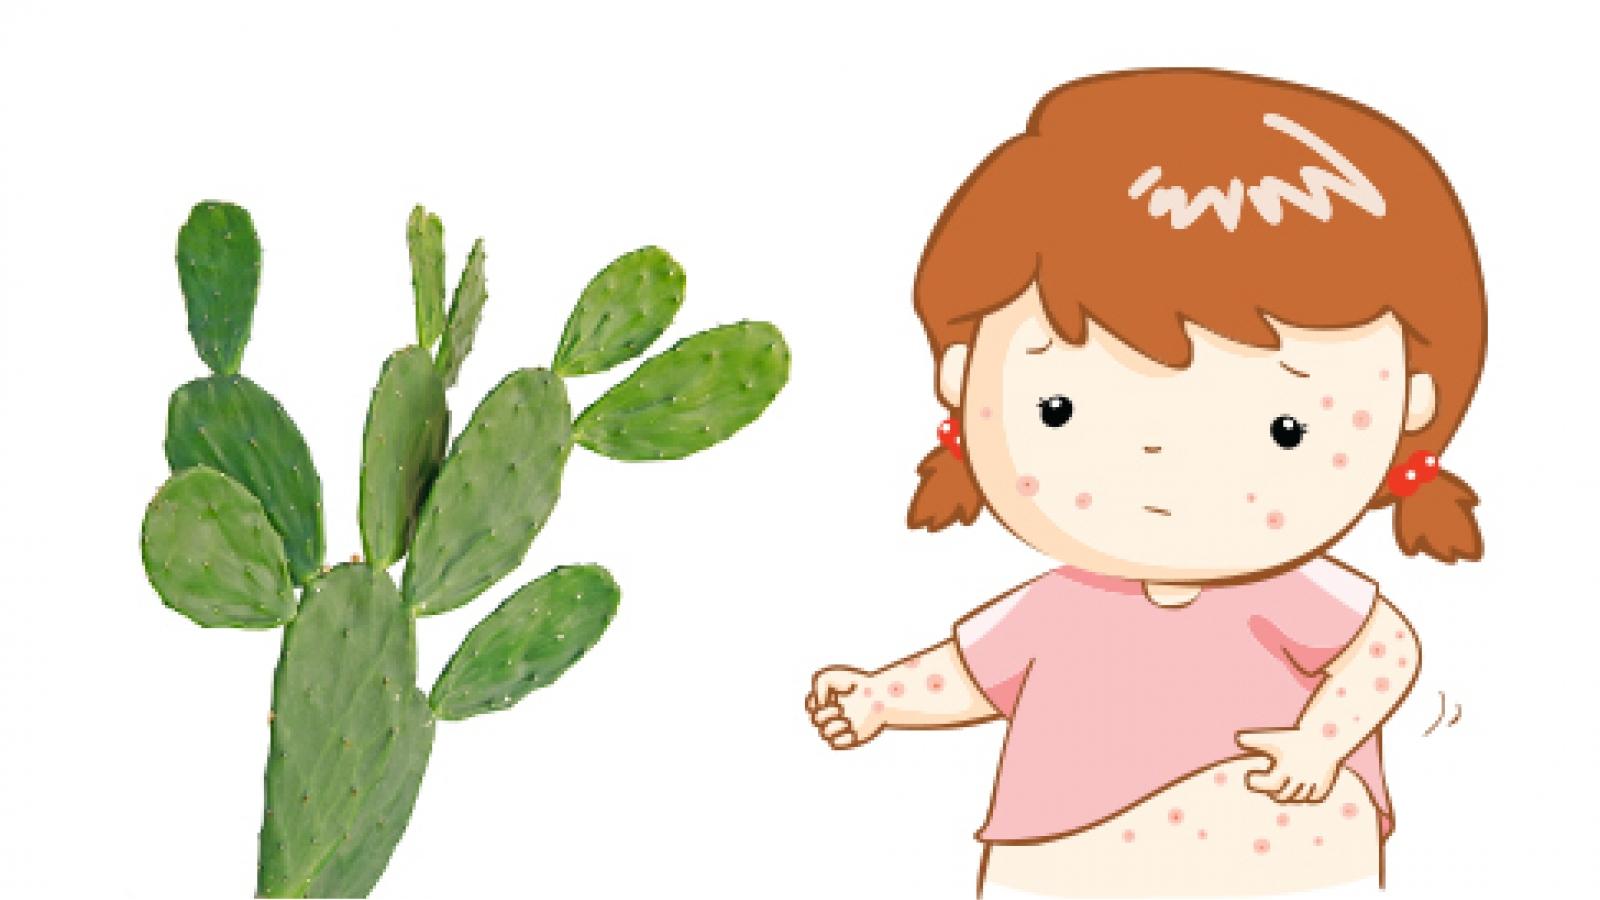 Bảo vệ sức khỏe của bé trong mùa nóng bức